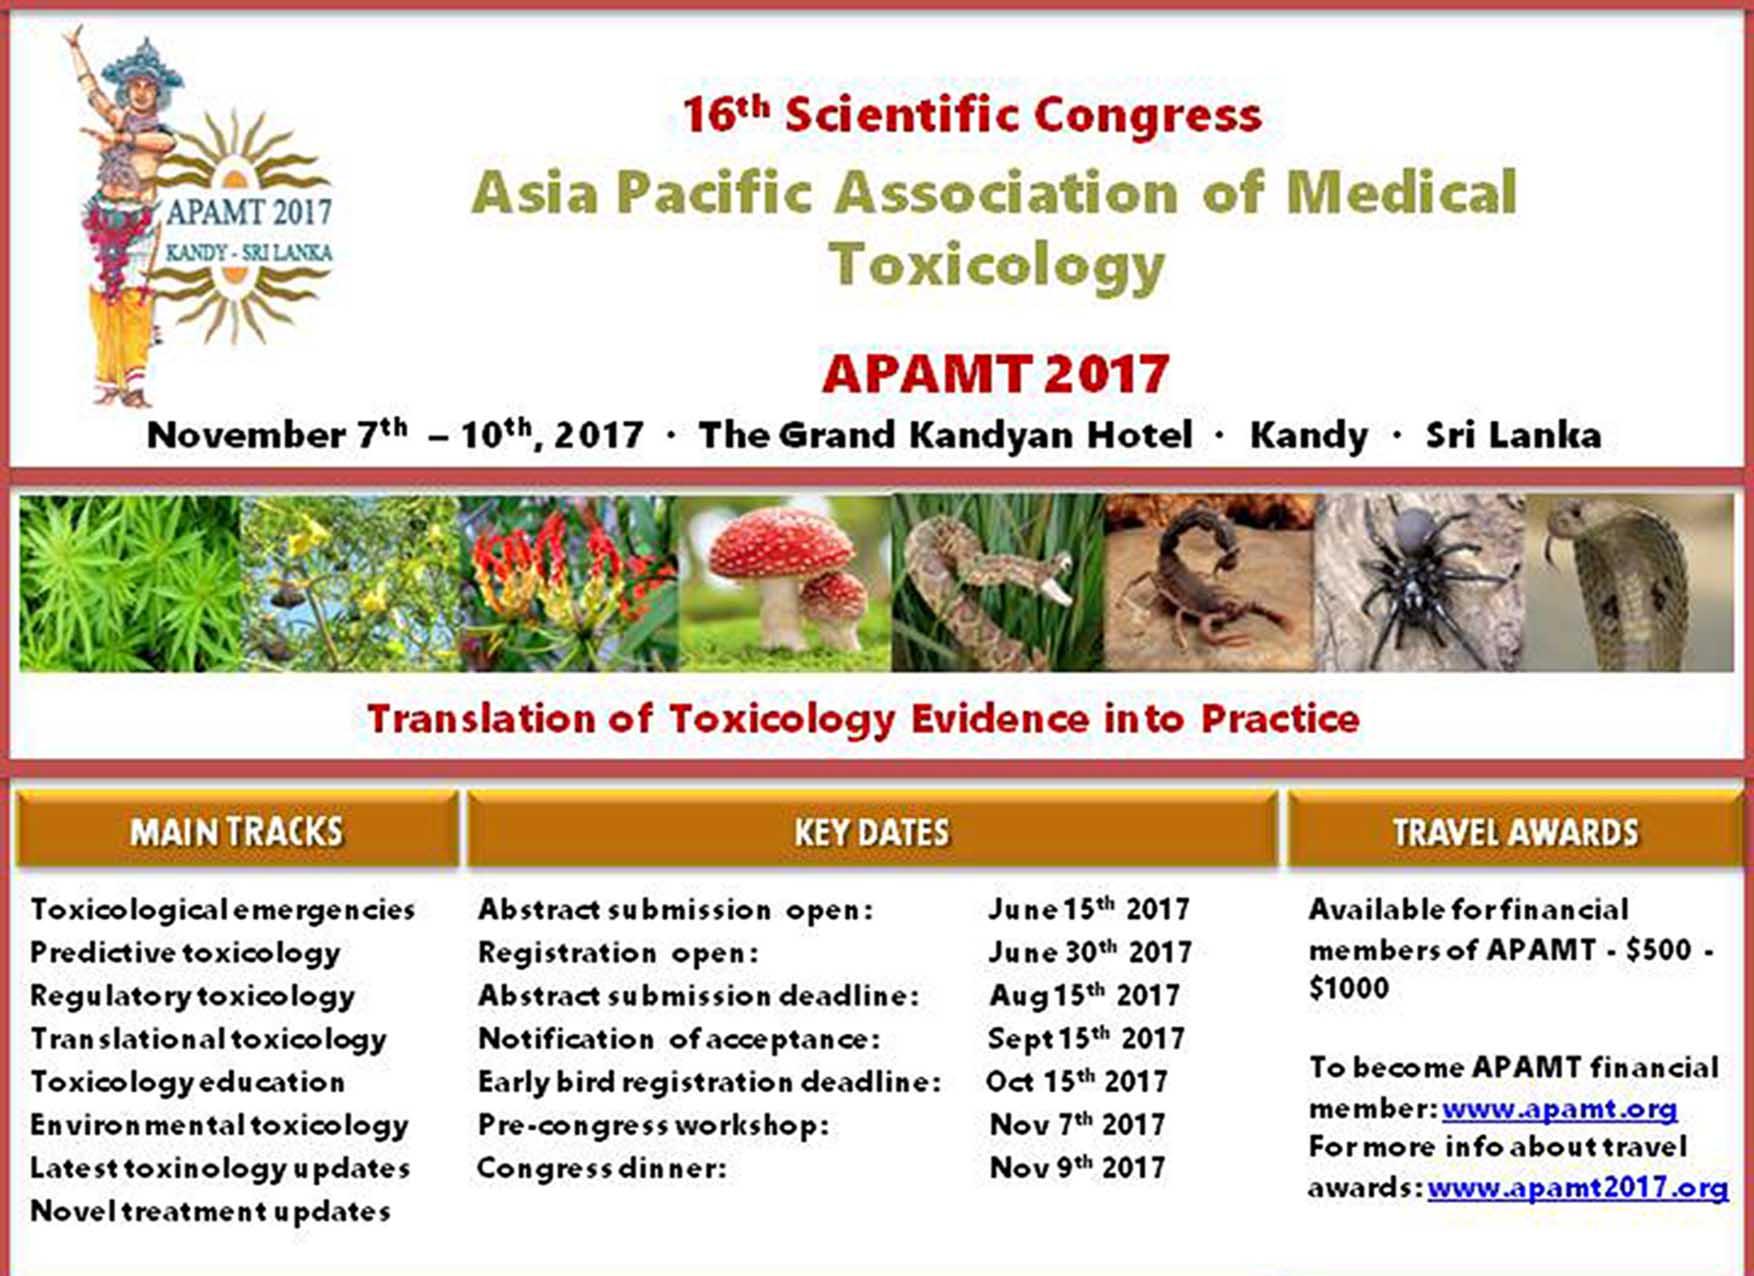 """شانزدهمين كنگره ي بين المللي سم شناسي -Asia Pacific Association of Medical Toxicology"""" APAMT"""""""